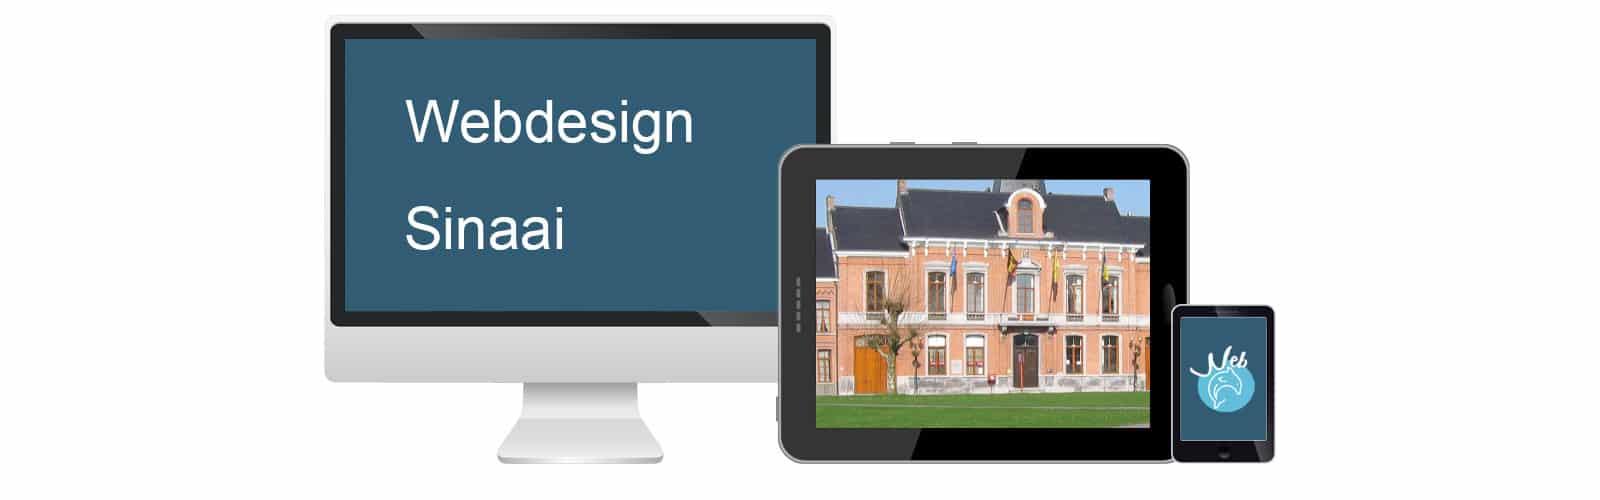 Webdesign Sinaai - webdolfijn